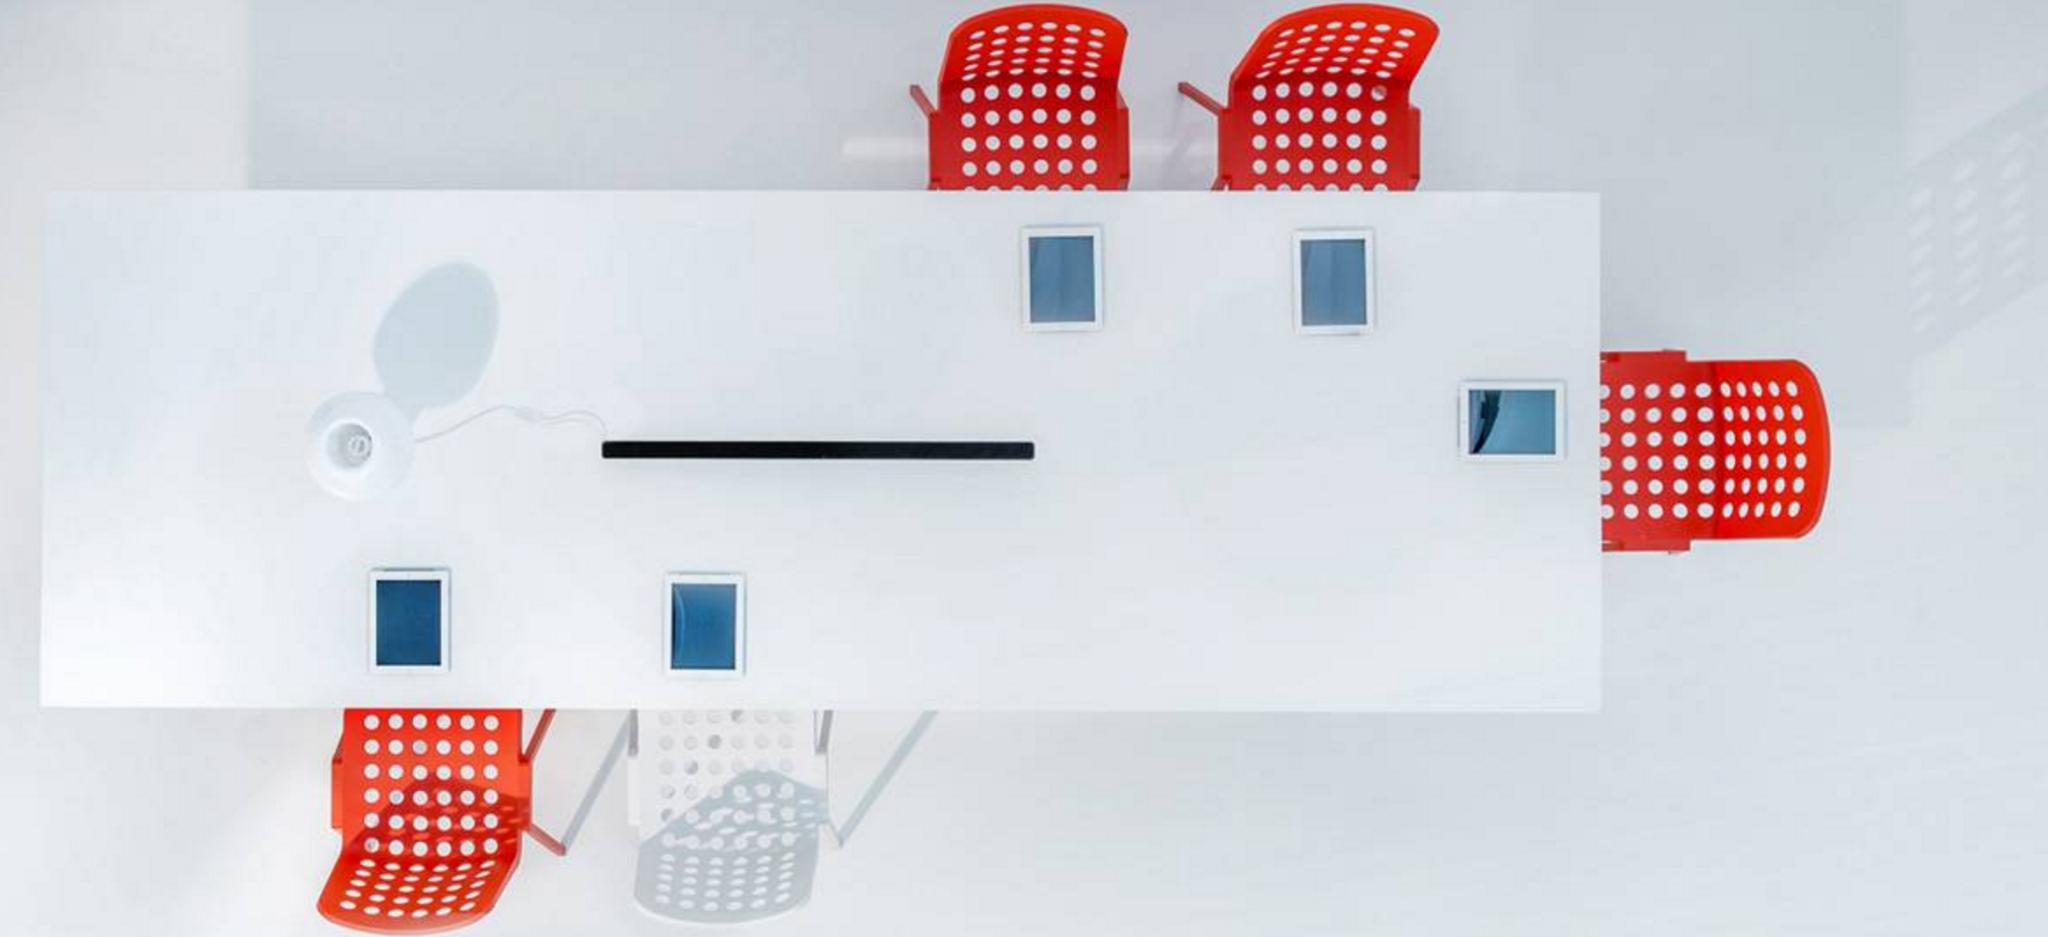 spaceist-Ark- meeting-table-sleek-office-blog